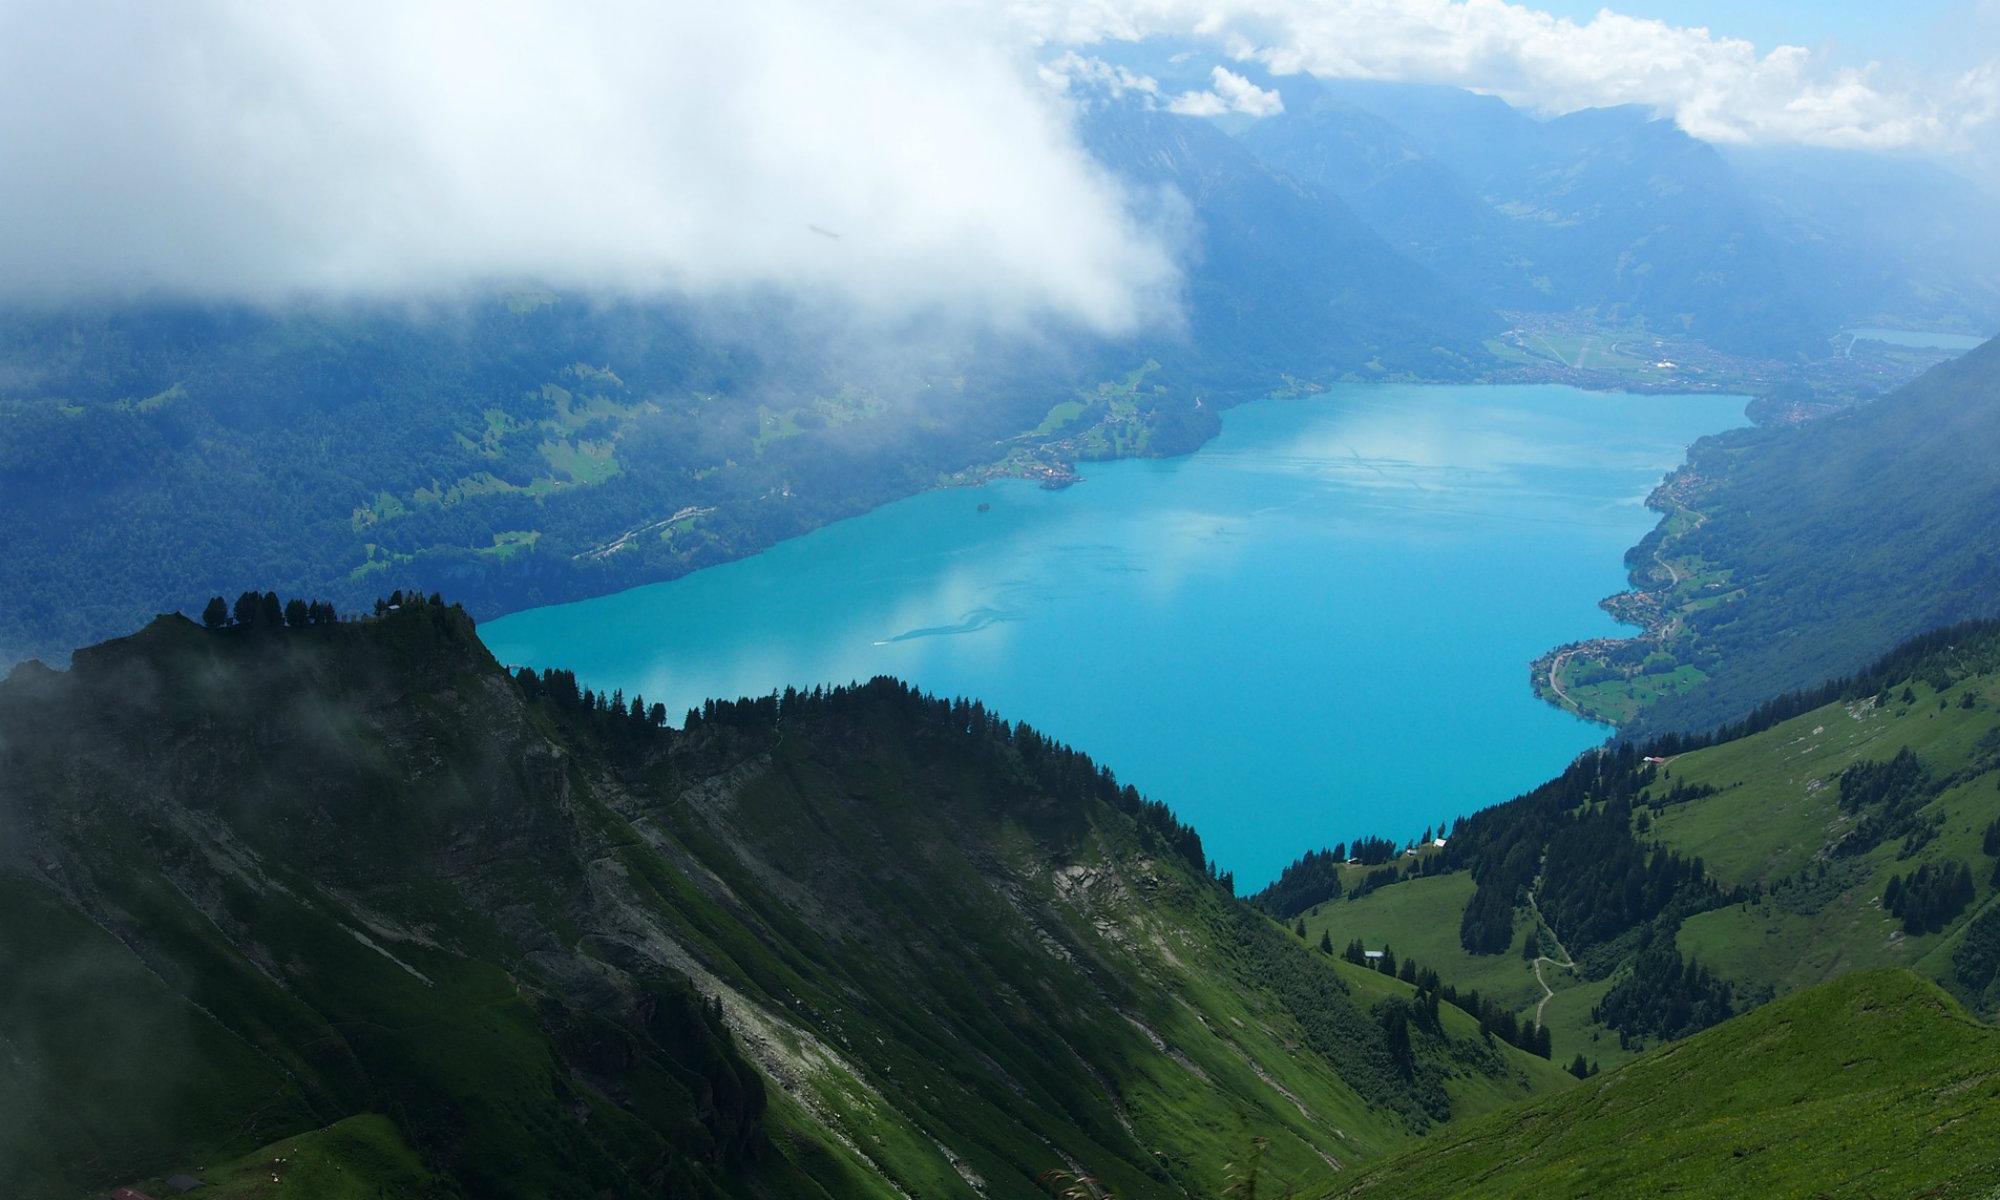 Der Thunersee nahe Interlaken aus der Vogelperspektive.